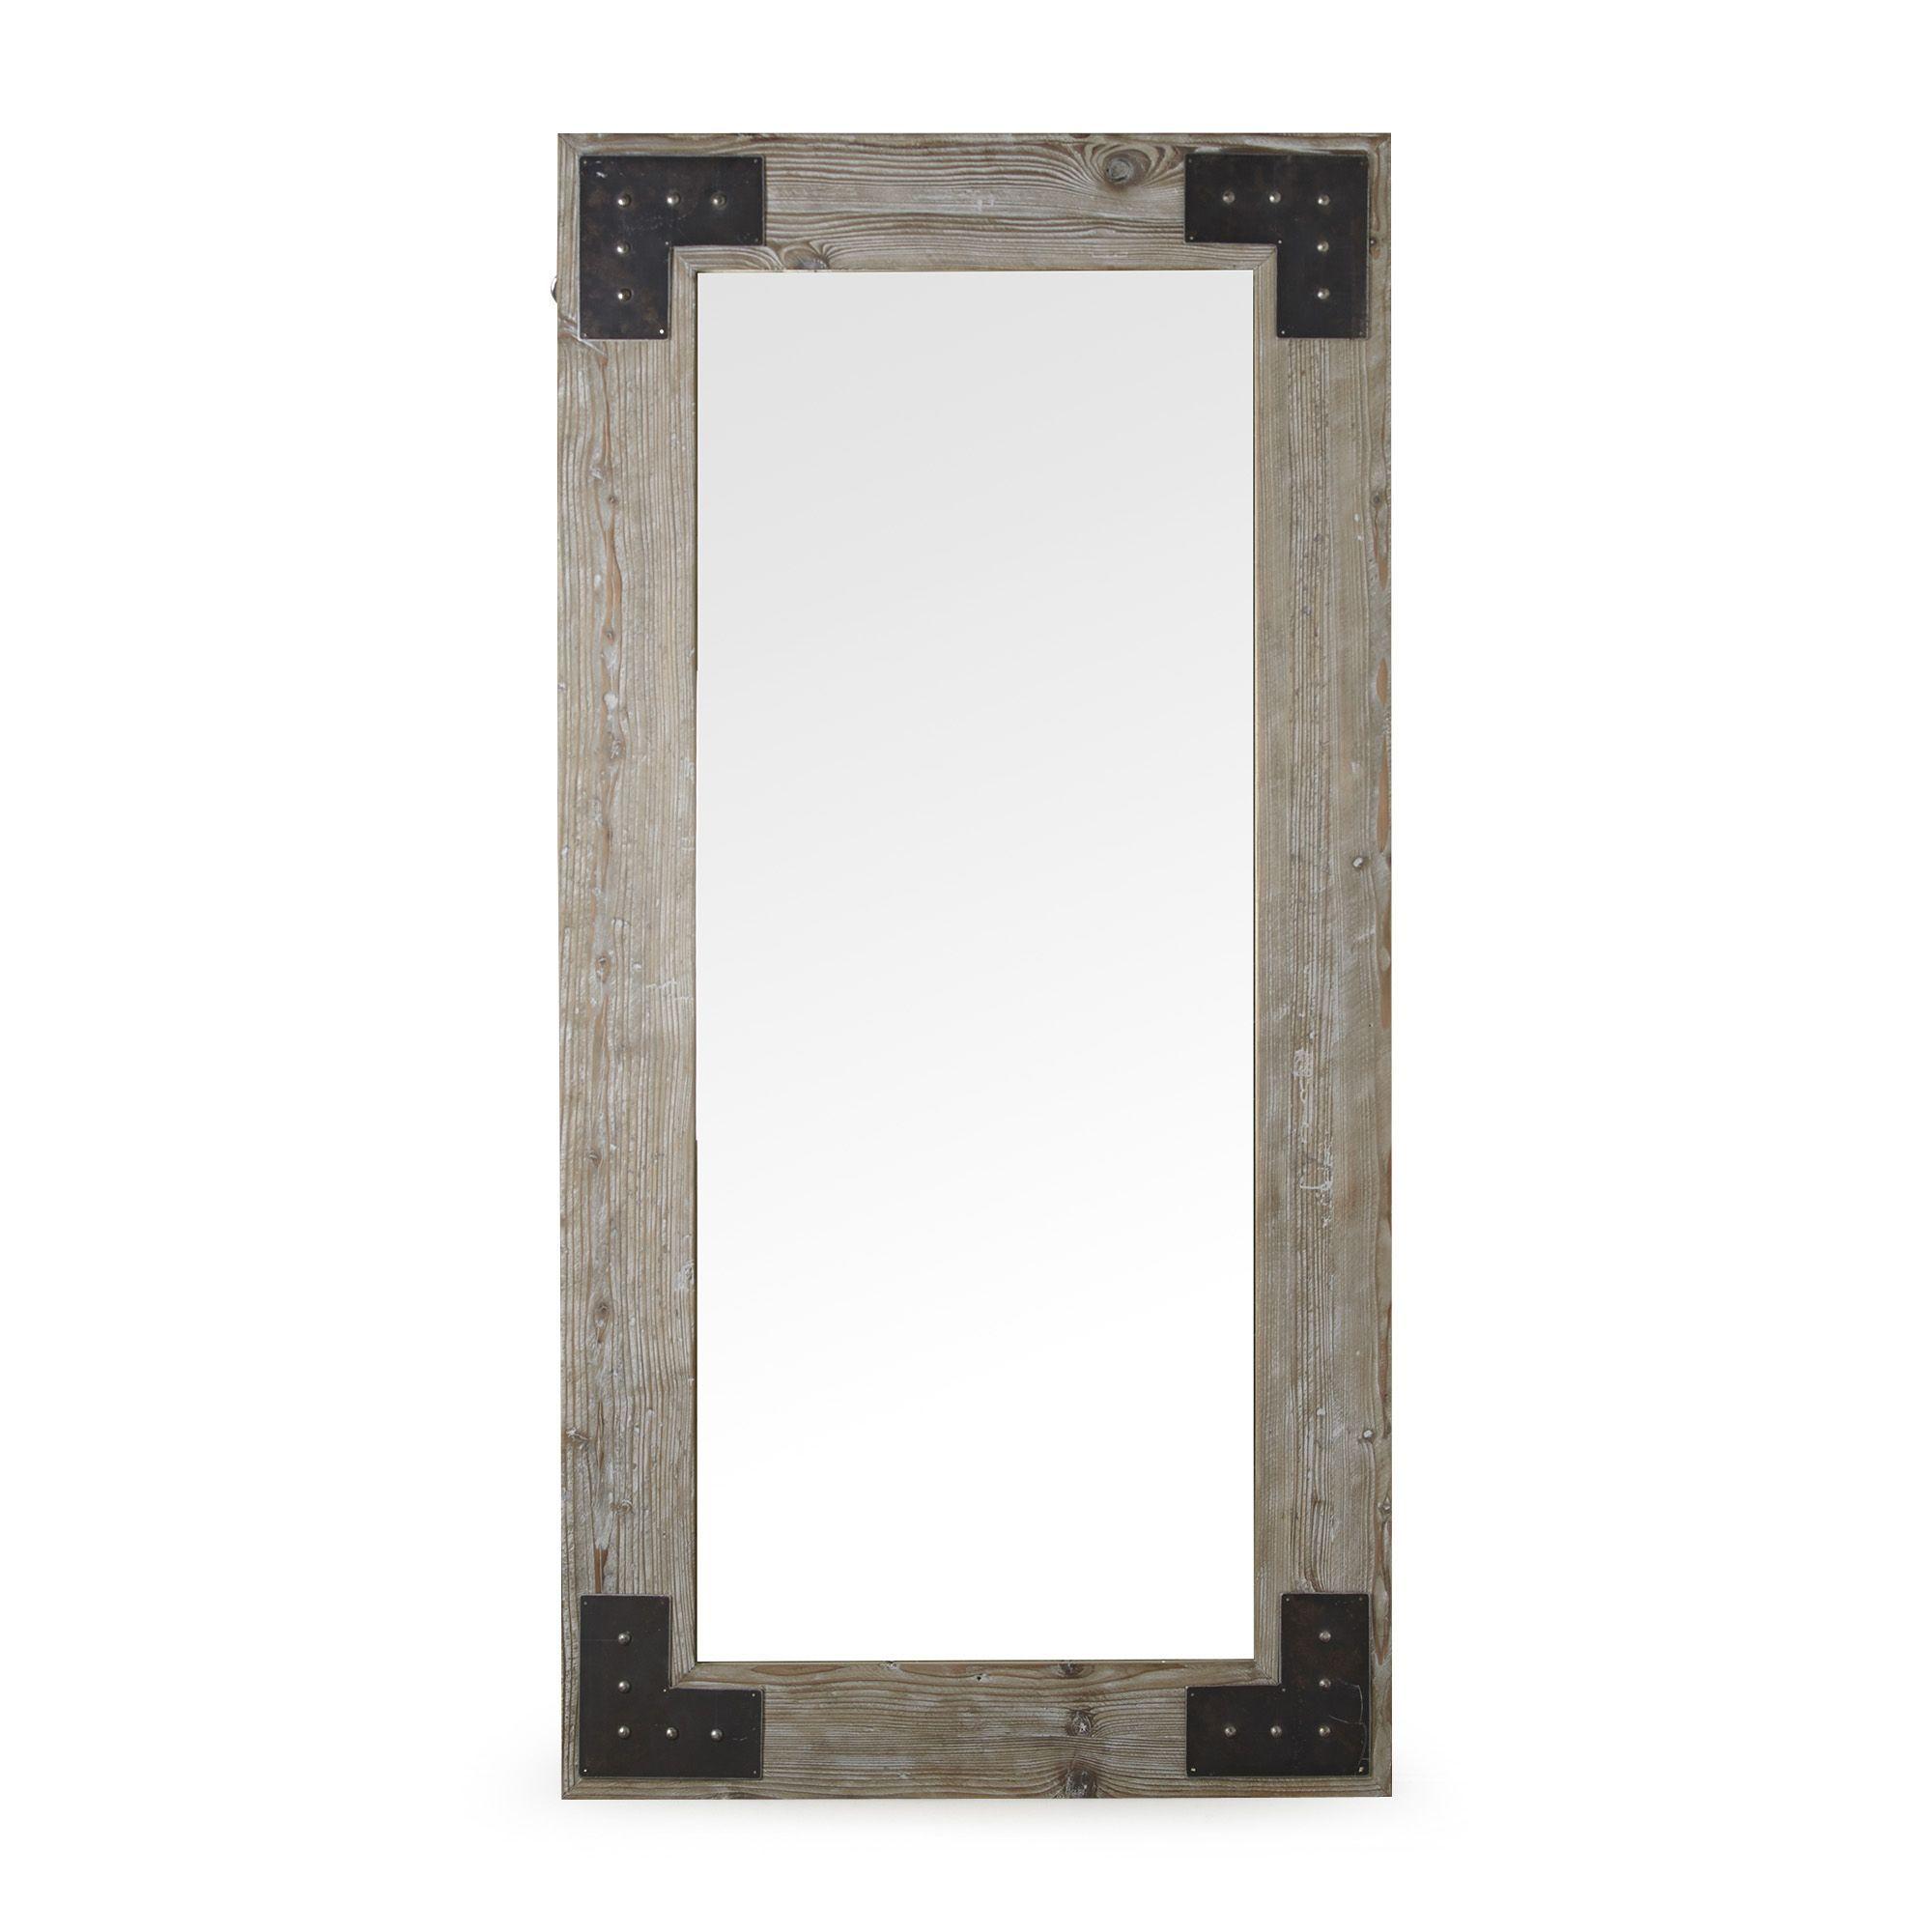 Ware Miroir Style Industriel En Pin Recycle Teinte Gris H180 X L90 Cm Alinea Miroir Style Industriel Decoration Interieure Meuble Deco